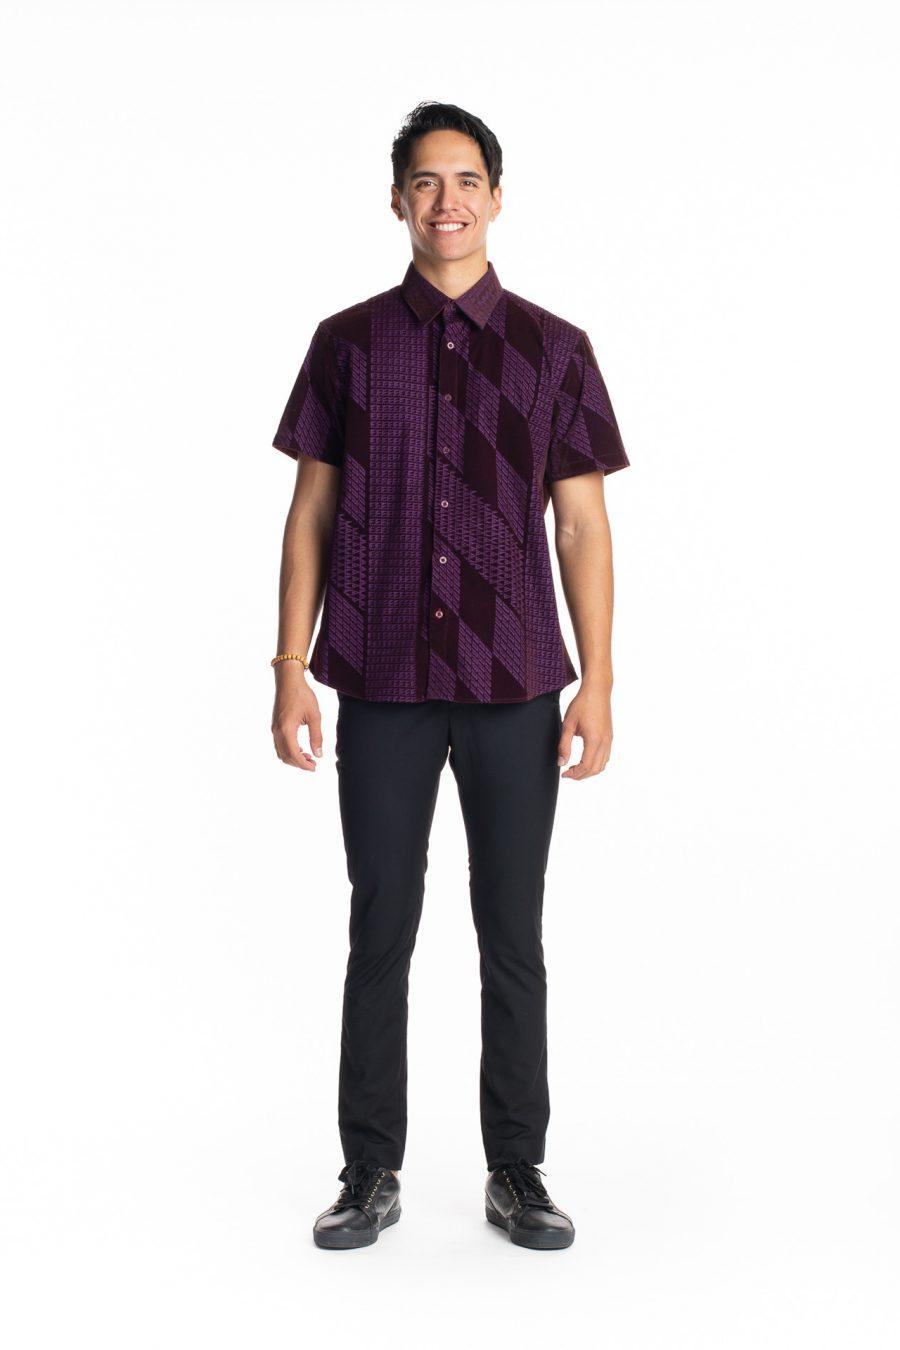 Male model wearing Aloha Short Sleeve in Purple Kamehameha - Front View